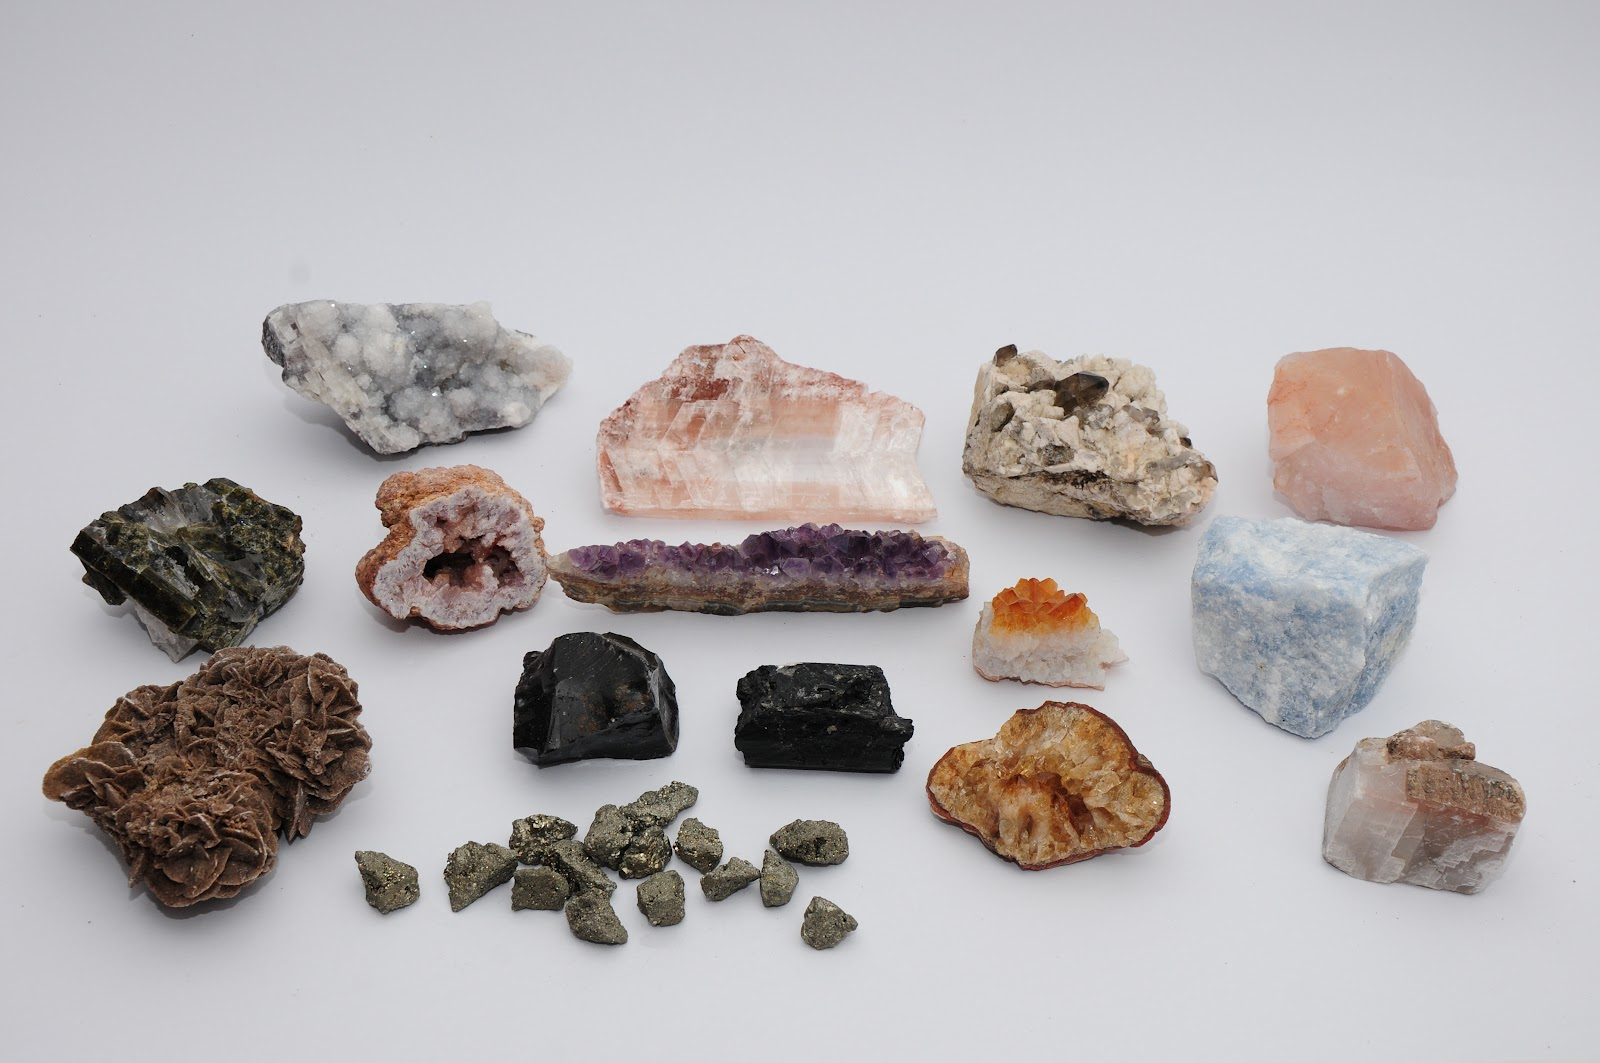 Sentir los sentidos las piedras que es la gemoterapia - Piedras preciosas propiedades ...